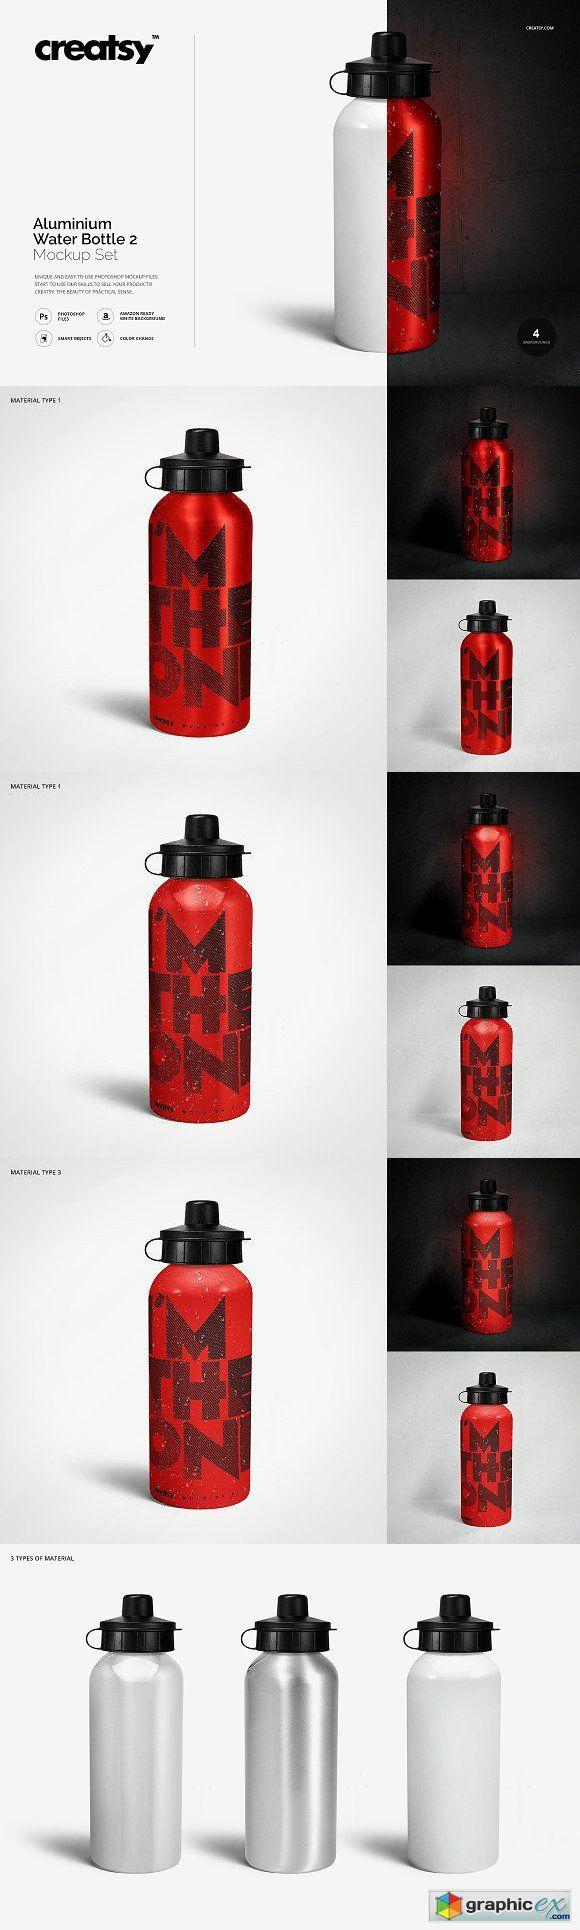 a44a14ae378fe Aluminium Water Bottle 2 Mockup Set | Mockup | Aluminum water ...